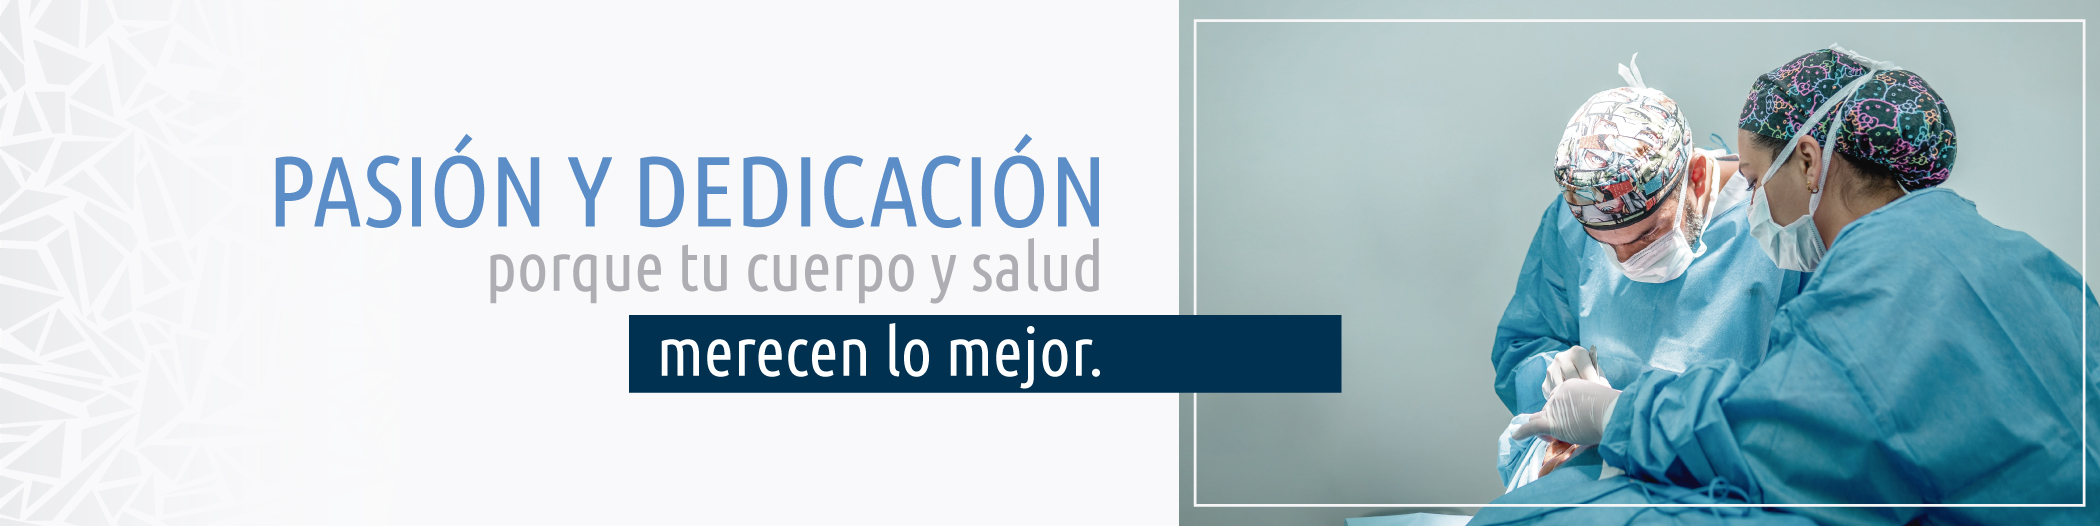 Pasión y dedicación | CECM Colombia - Dr. Álvaro Hernán Rodriguez